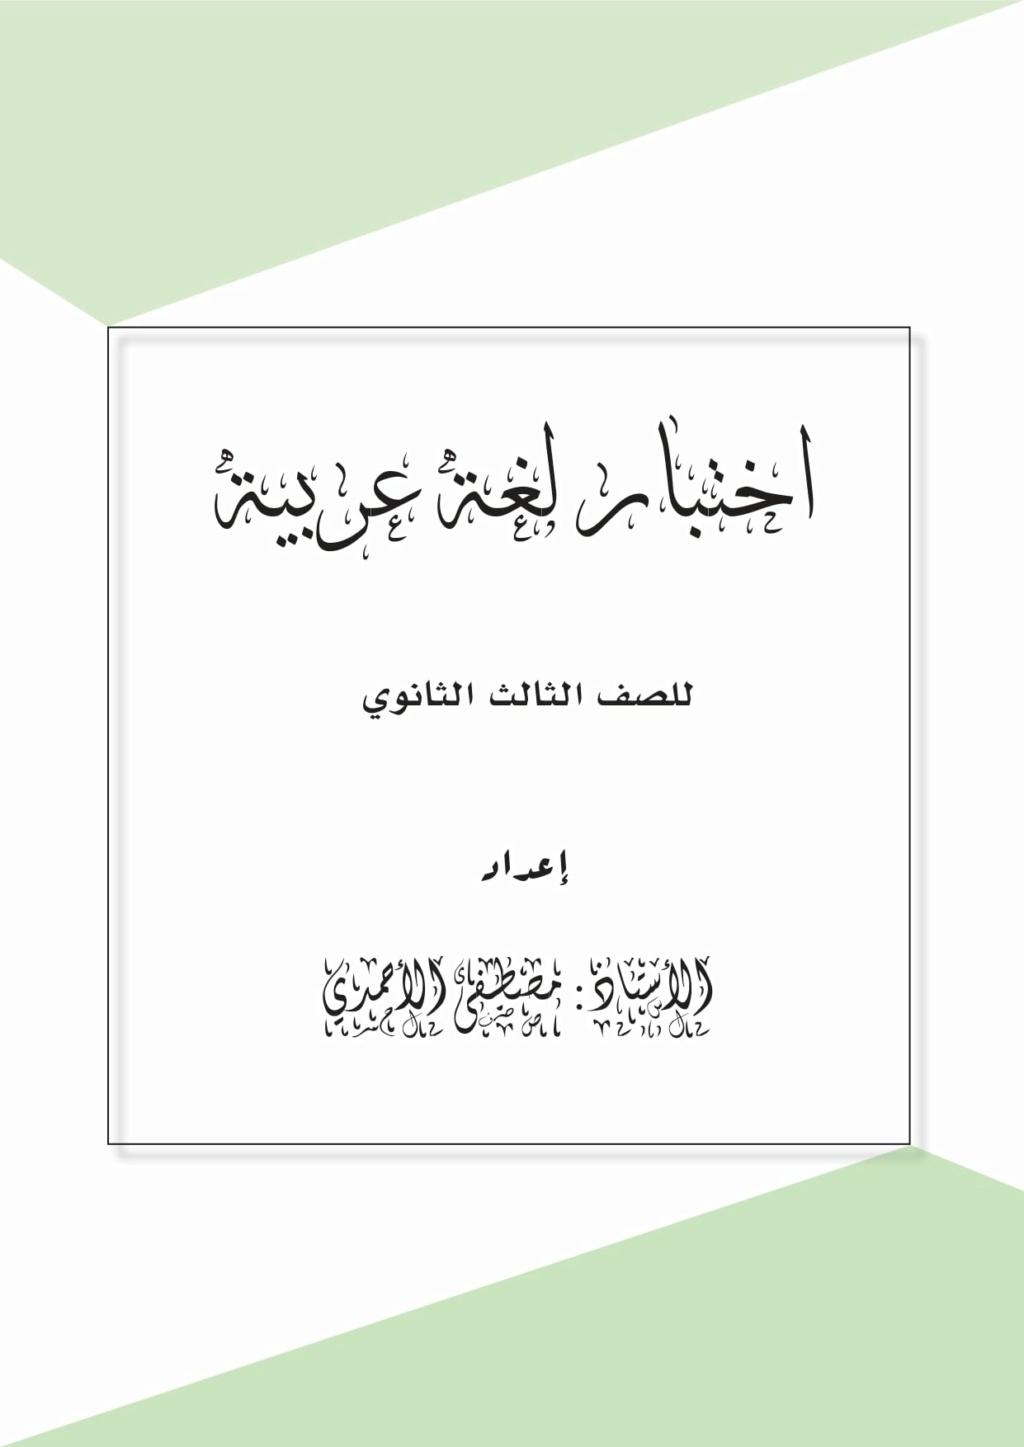 امتحان اللغة العربية للصف الثالث الثانوي 2021 نظام جديد أ/ مصطفى الأحمدي 1106